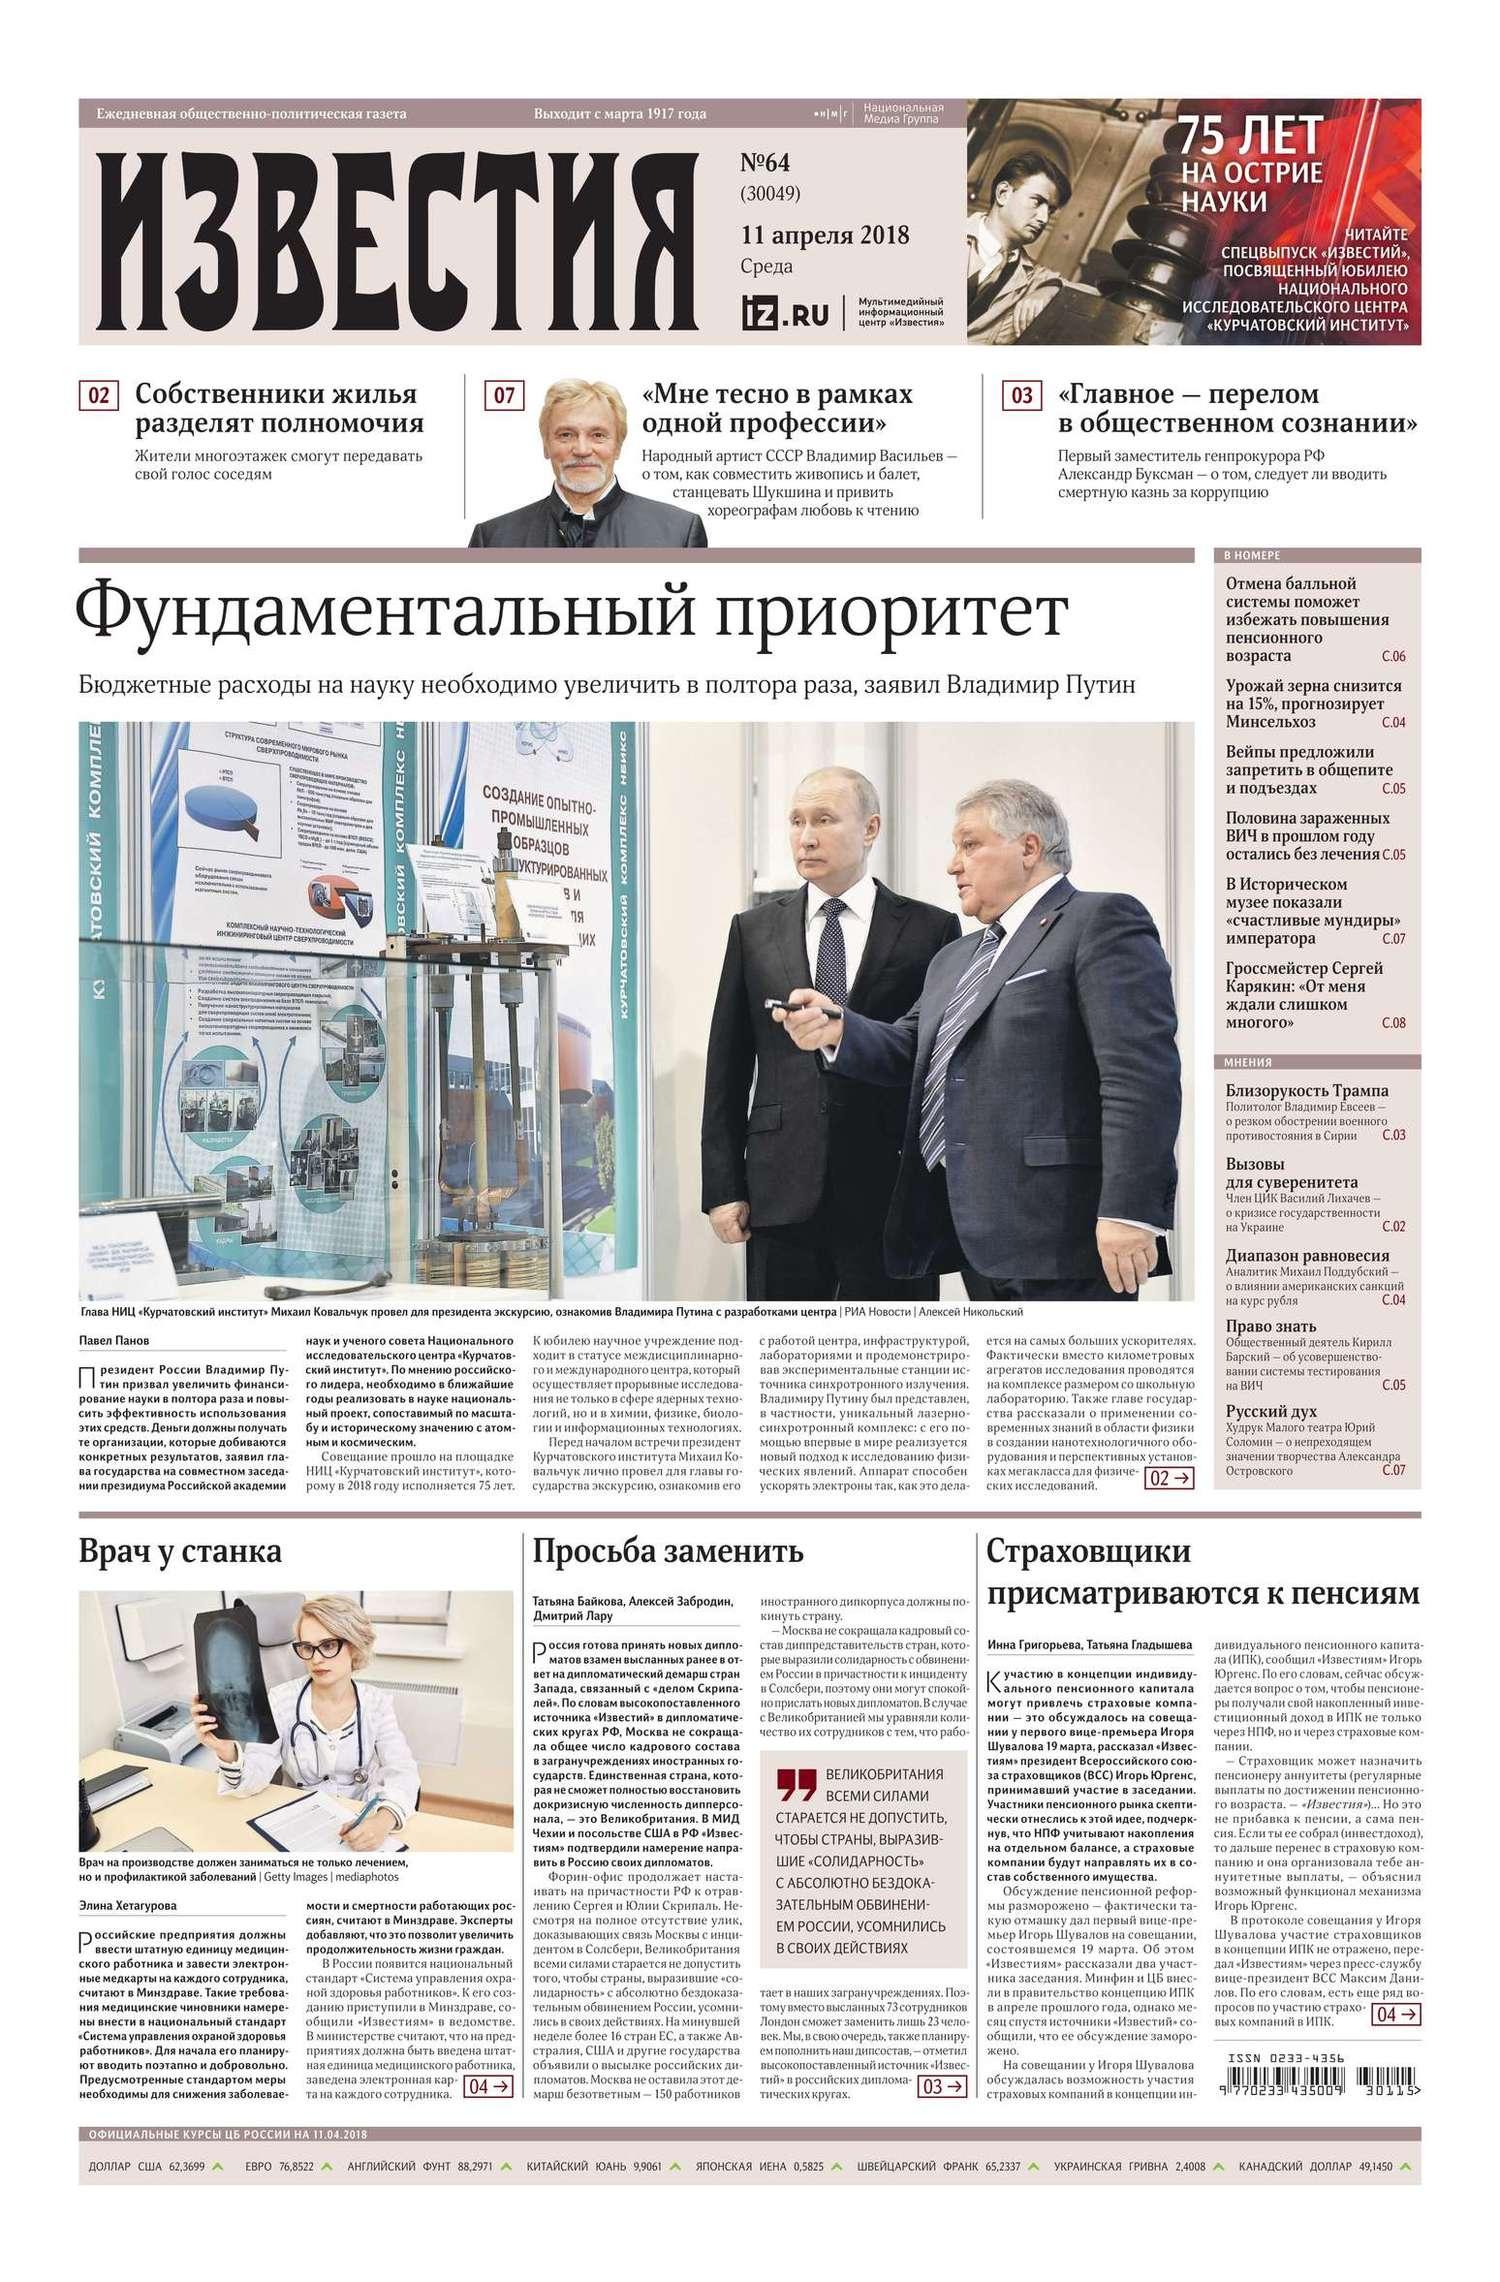 Редакция газеты Известия. Известия 64-2018